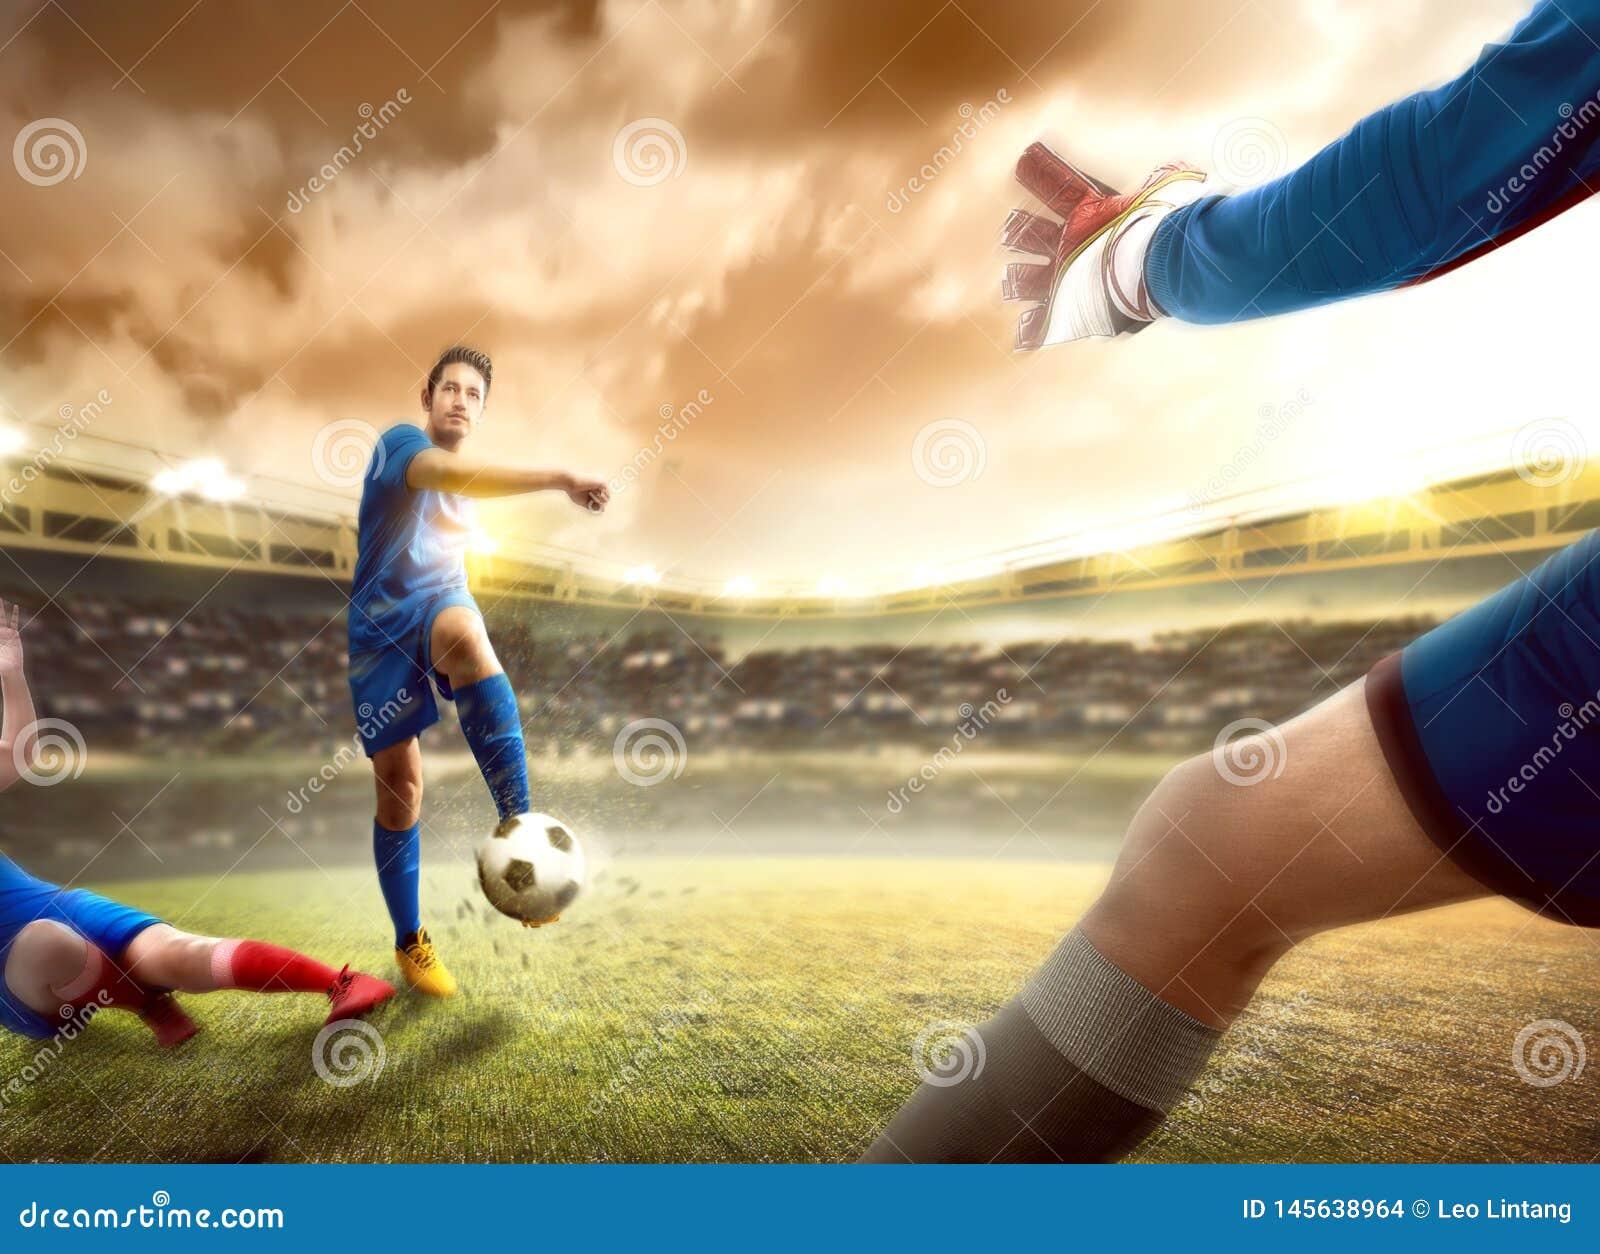 De Aziatische voetbalstermens die pakt de bal van zijn tegenstander vóór hem aan die de bal schoppen aan het doel glijden